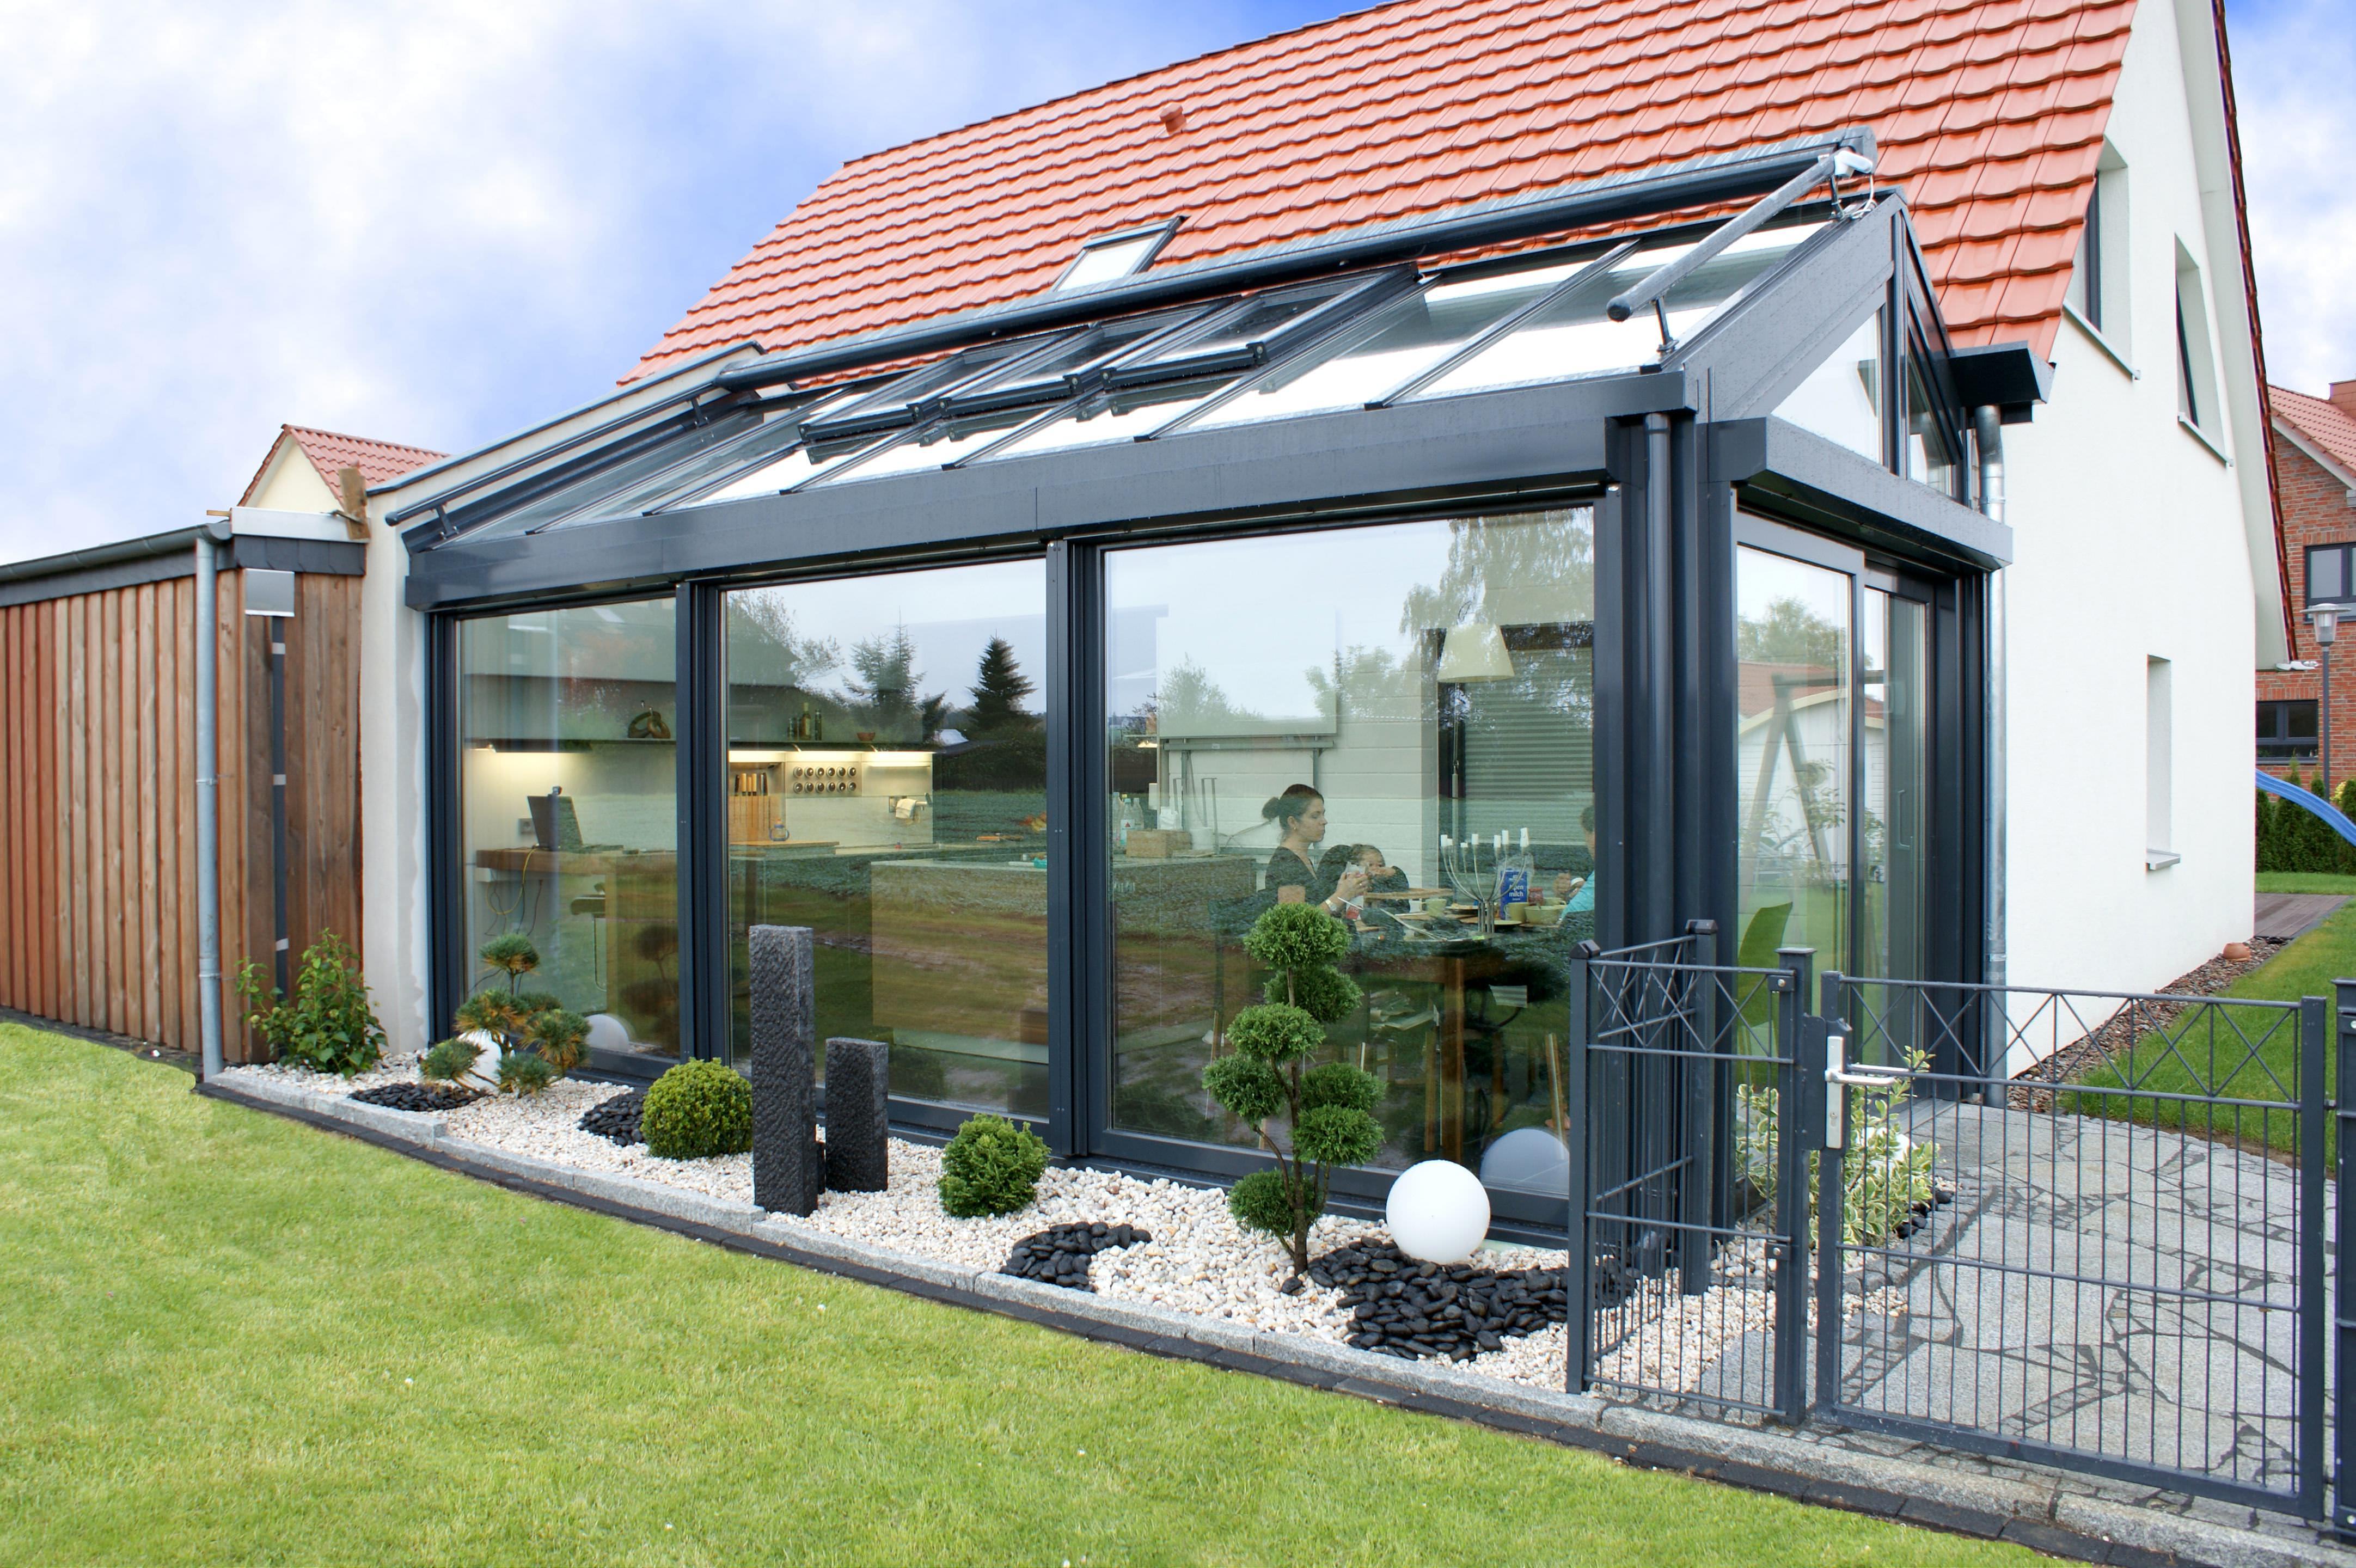 moderne winterg rten bildergalerie krenzer wintergarten. Black Bedroom Furniture Sets. Home Design Ideas